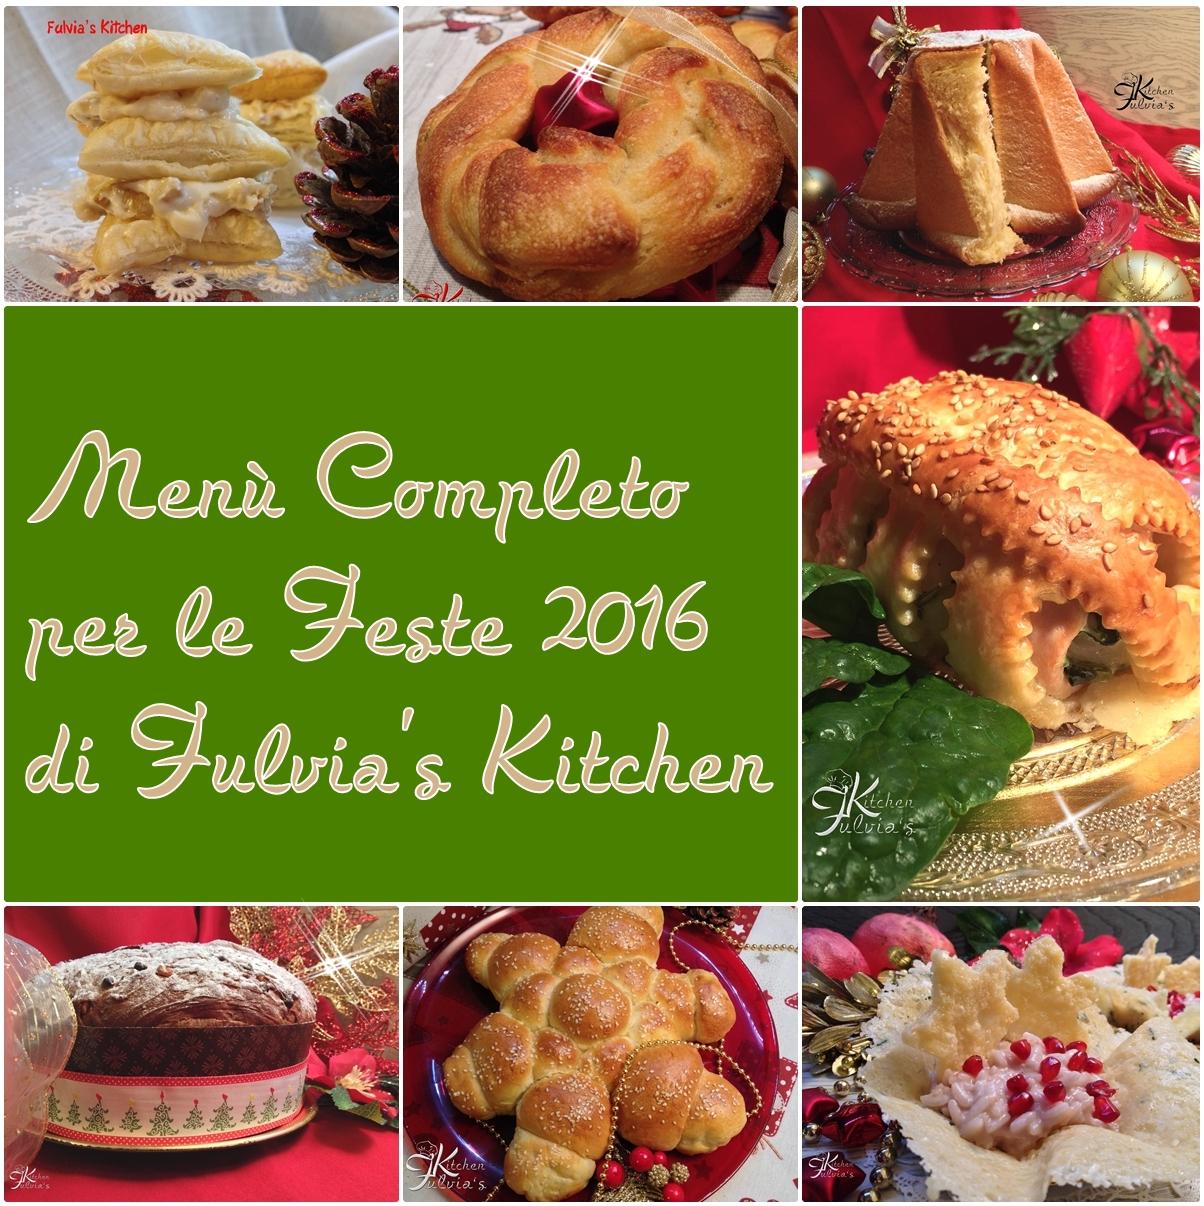 Menù completo per le feste 2016